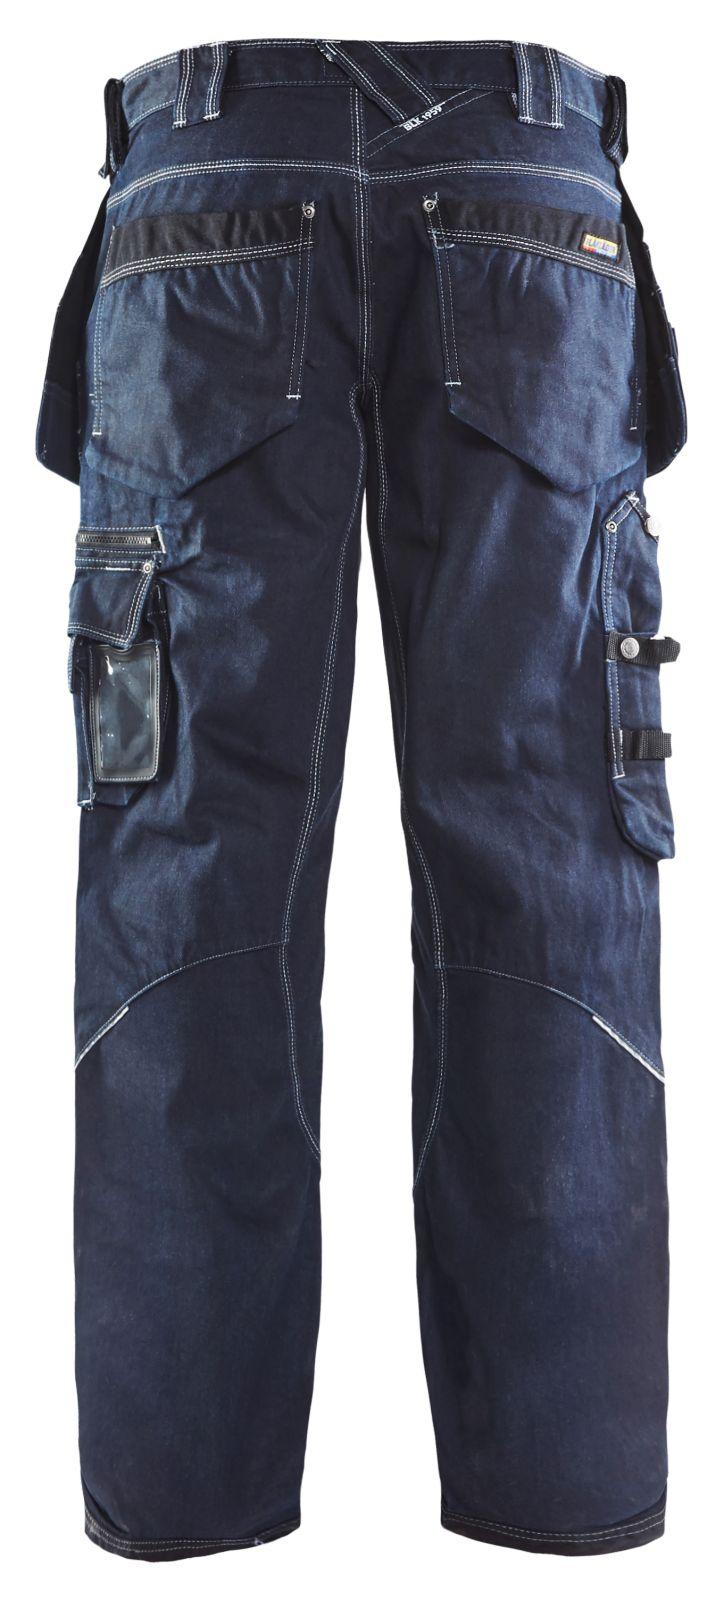 Blaklader Broeken 19601140 marineblauw-zwart(8999)